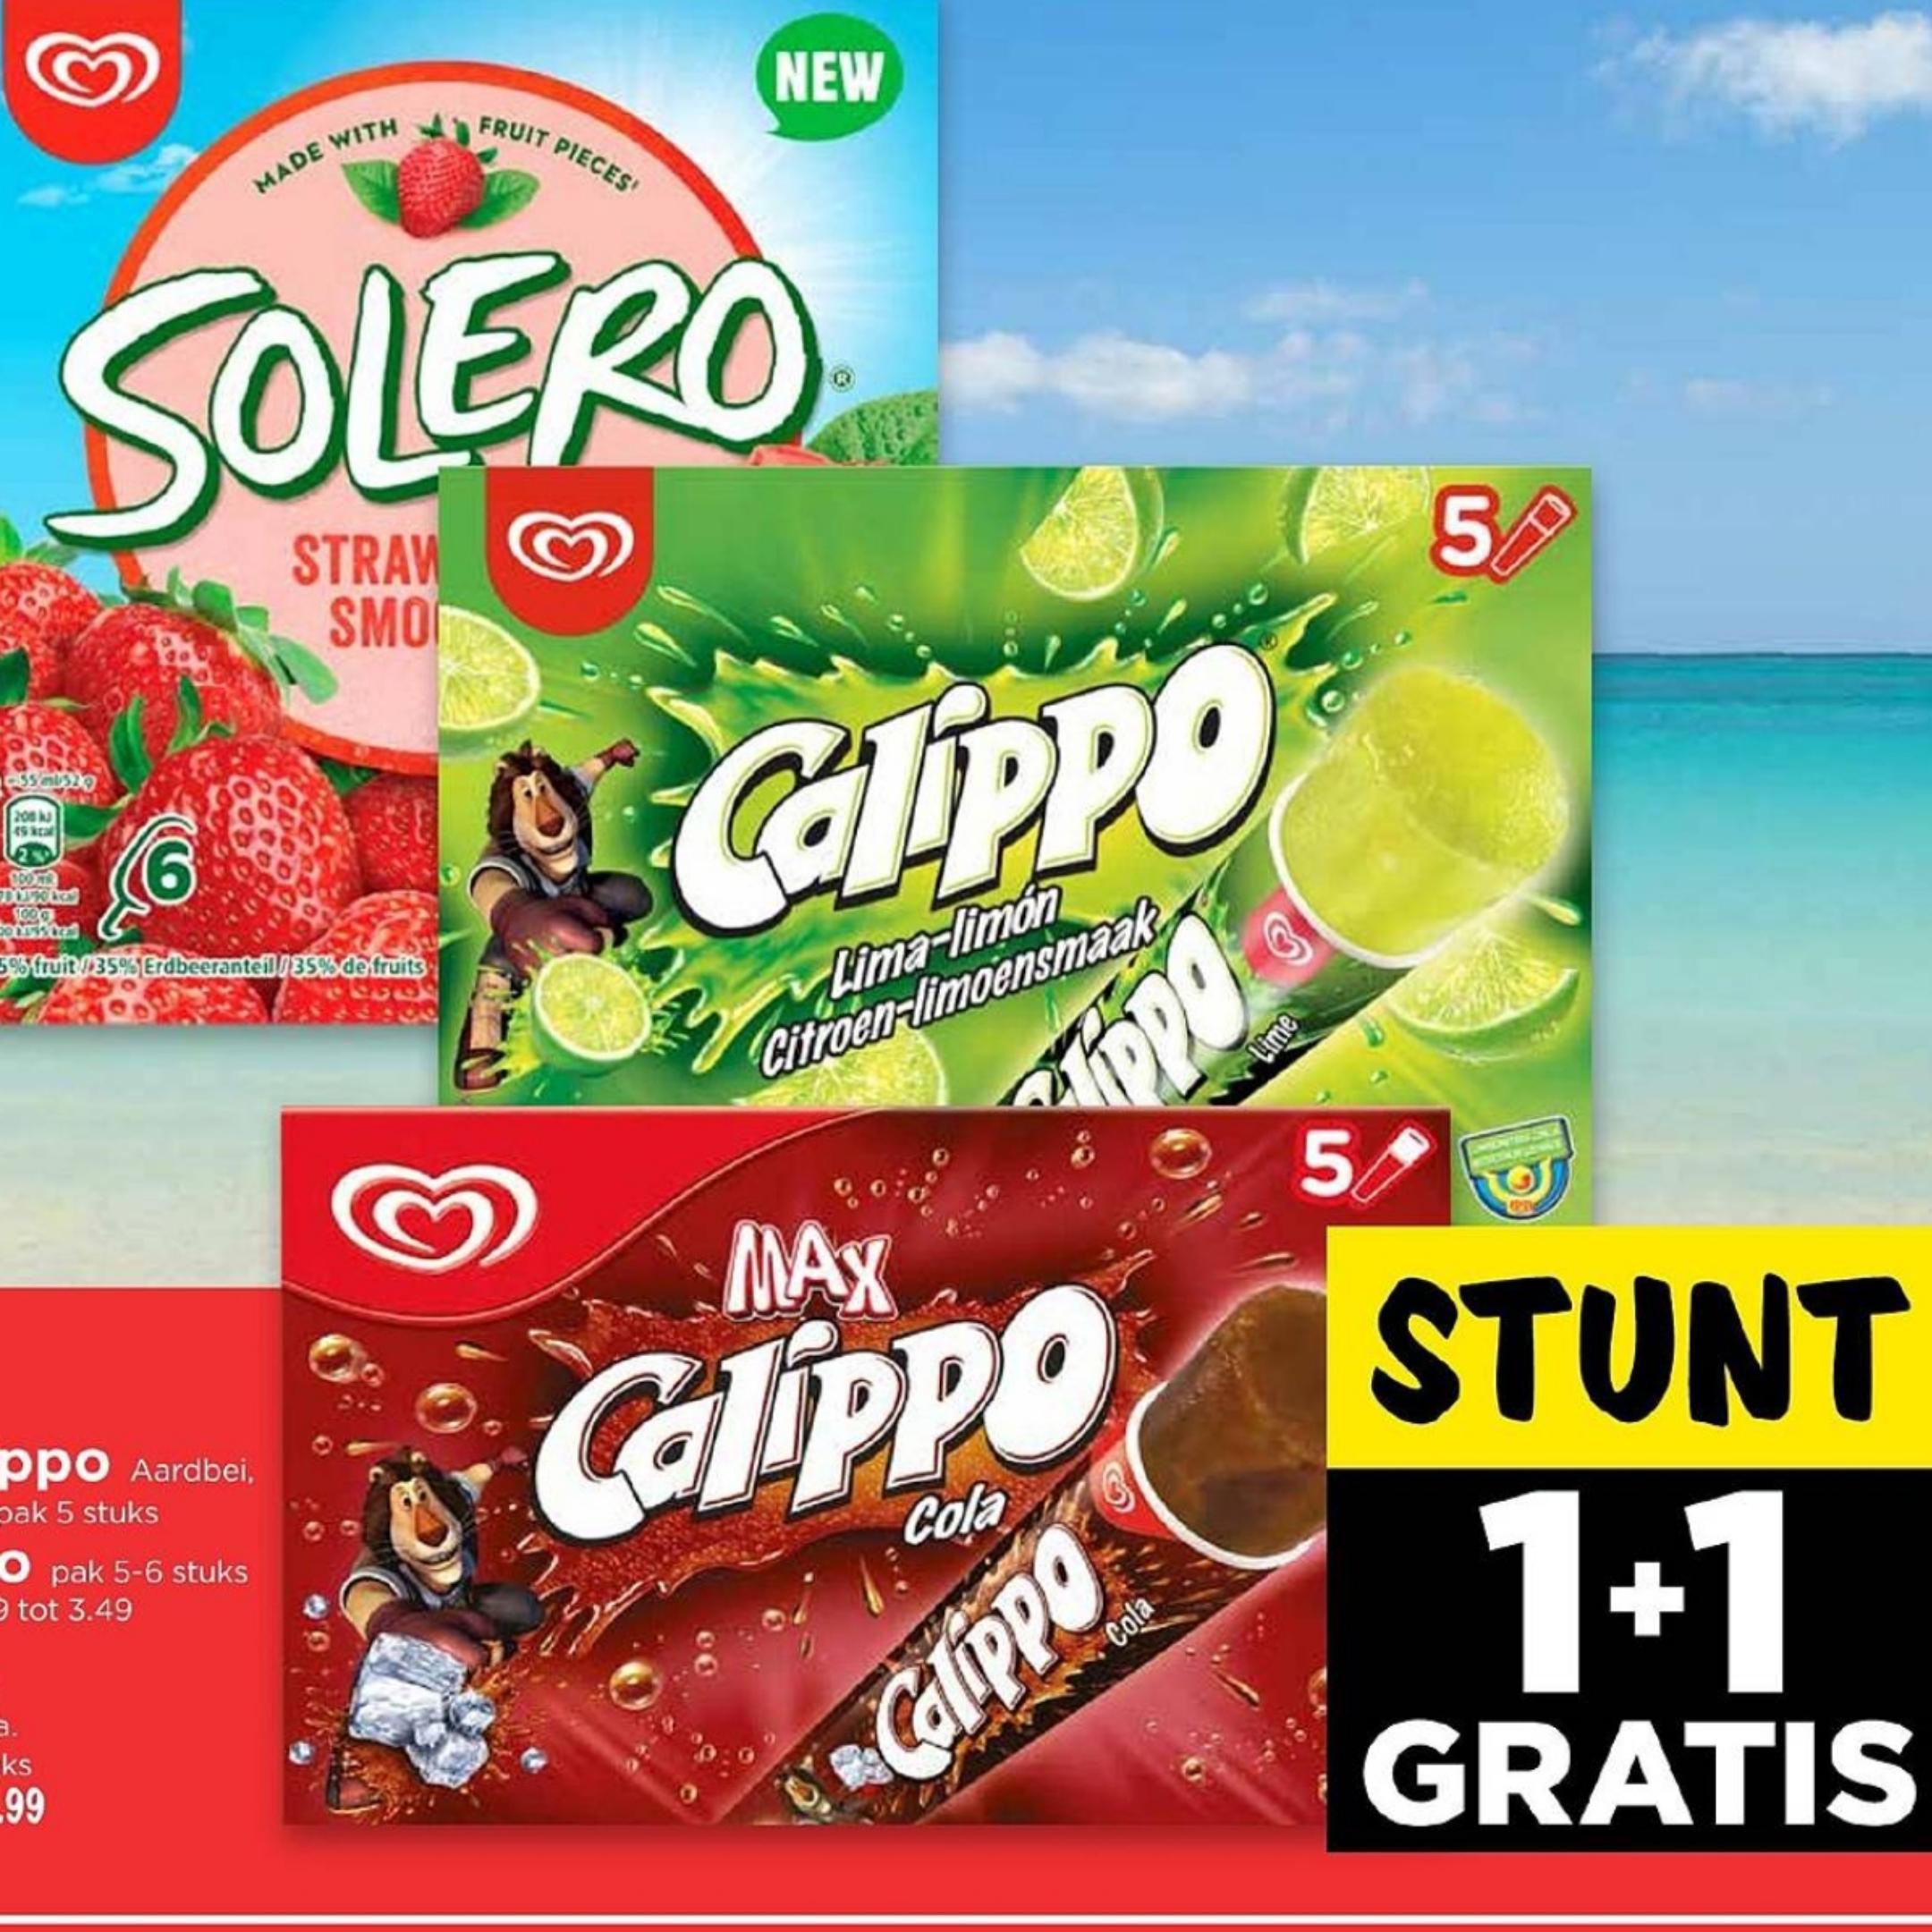 (1+1 gratis) op Ola Calippo of Solero @Vomar